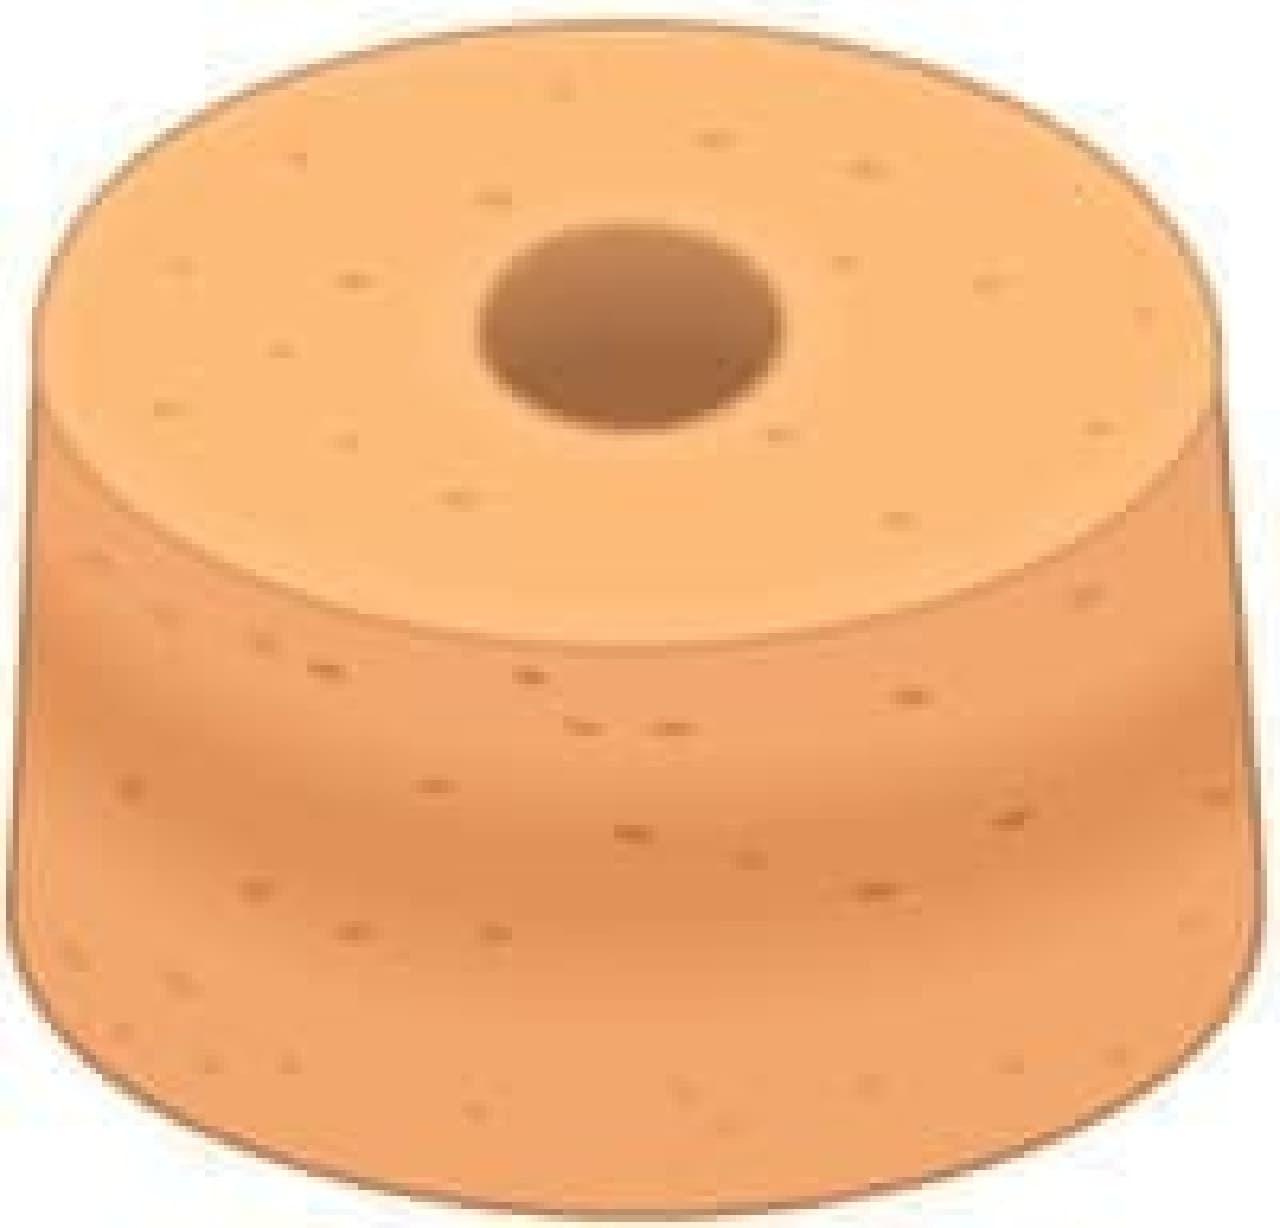 Klipy Cake Divider 最大の天敵、「シフォンケーキ」